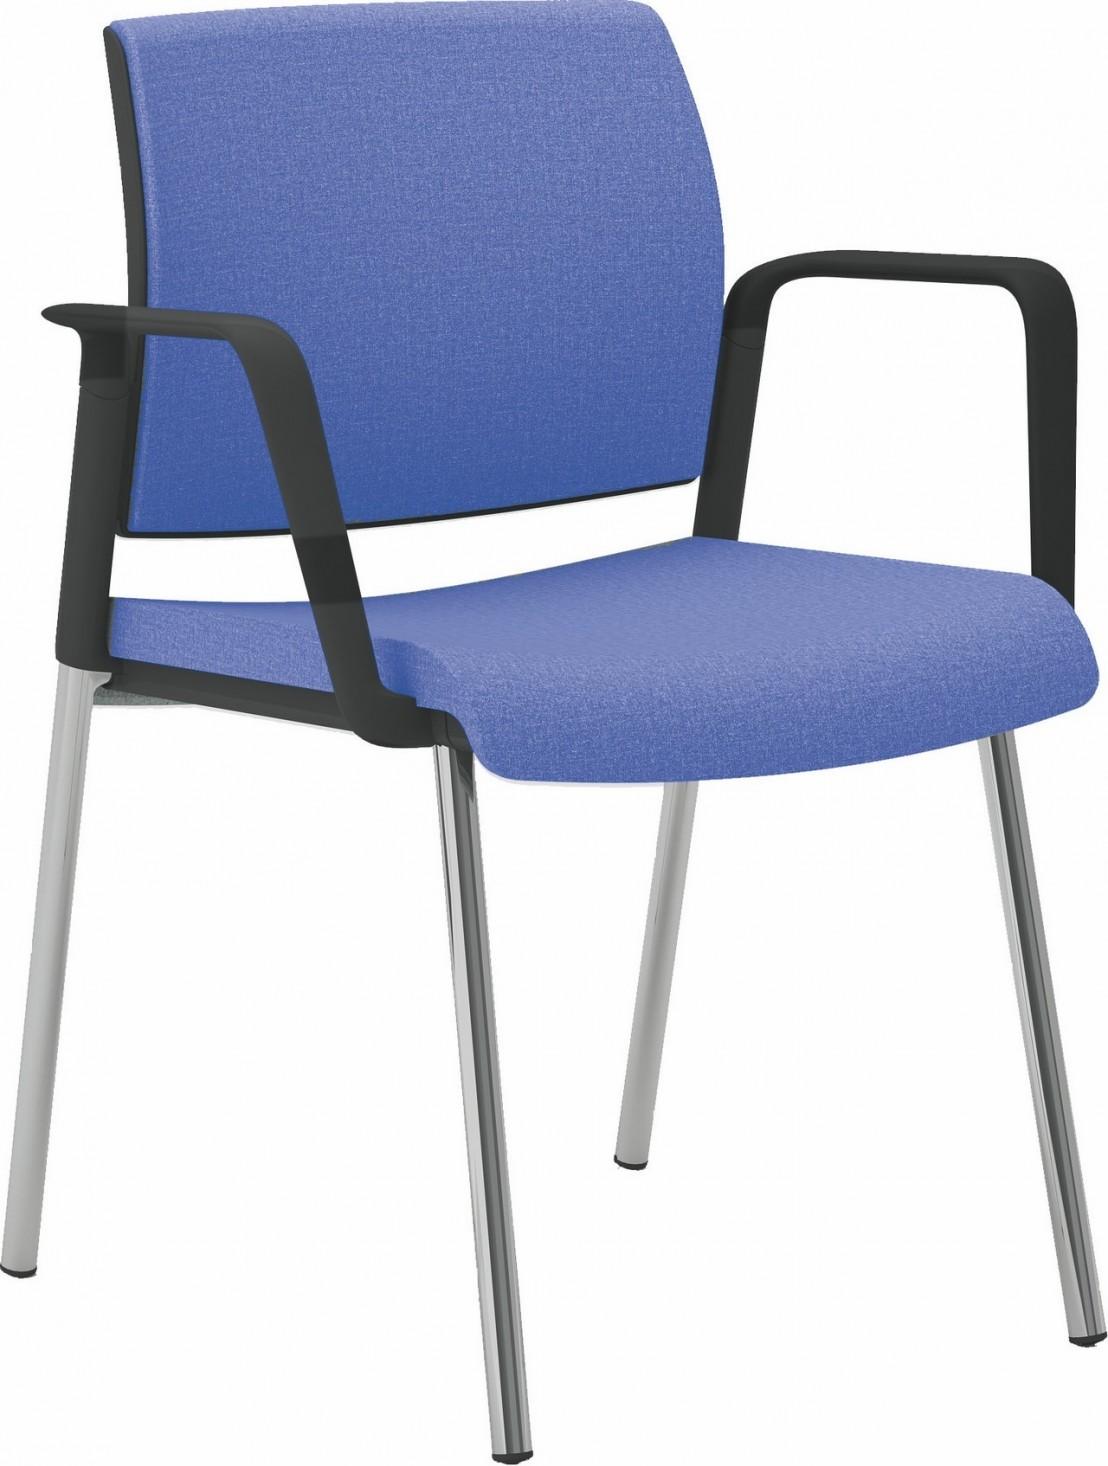 Chaise de bureau ou r union avec accoudoirs et 4 pieds - Chaise de bureau originale ...